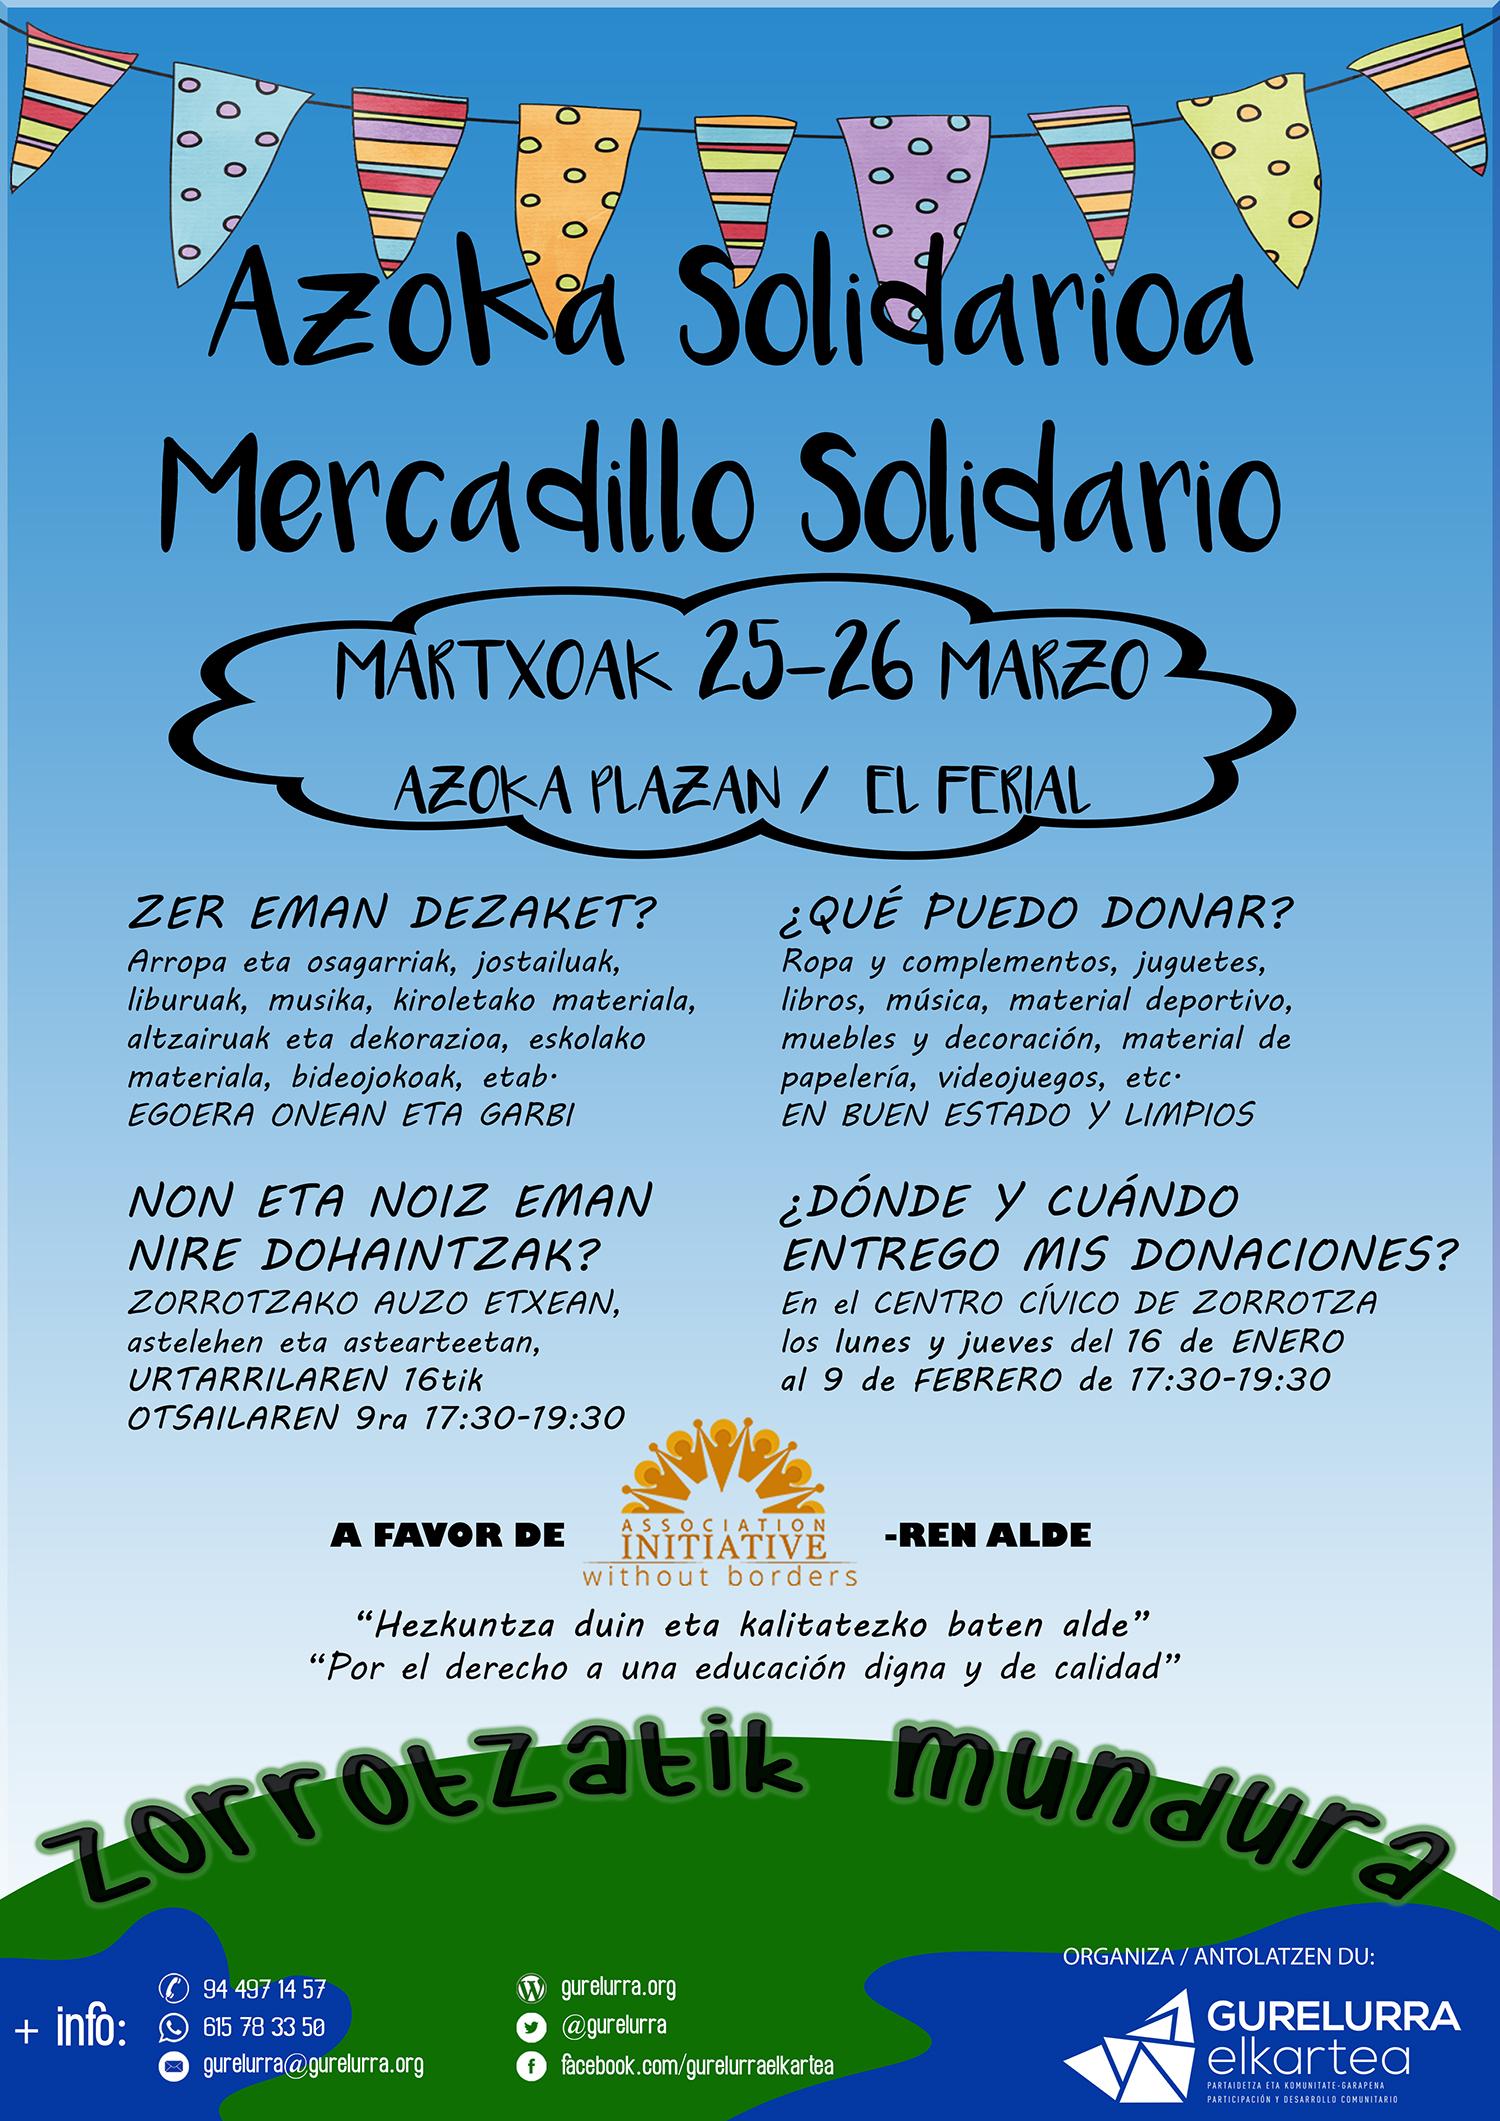 Jóvenes de Zorrotza colaborarán en la mejora de una escuela en Midelt durante este verano